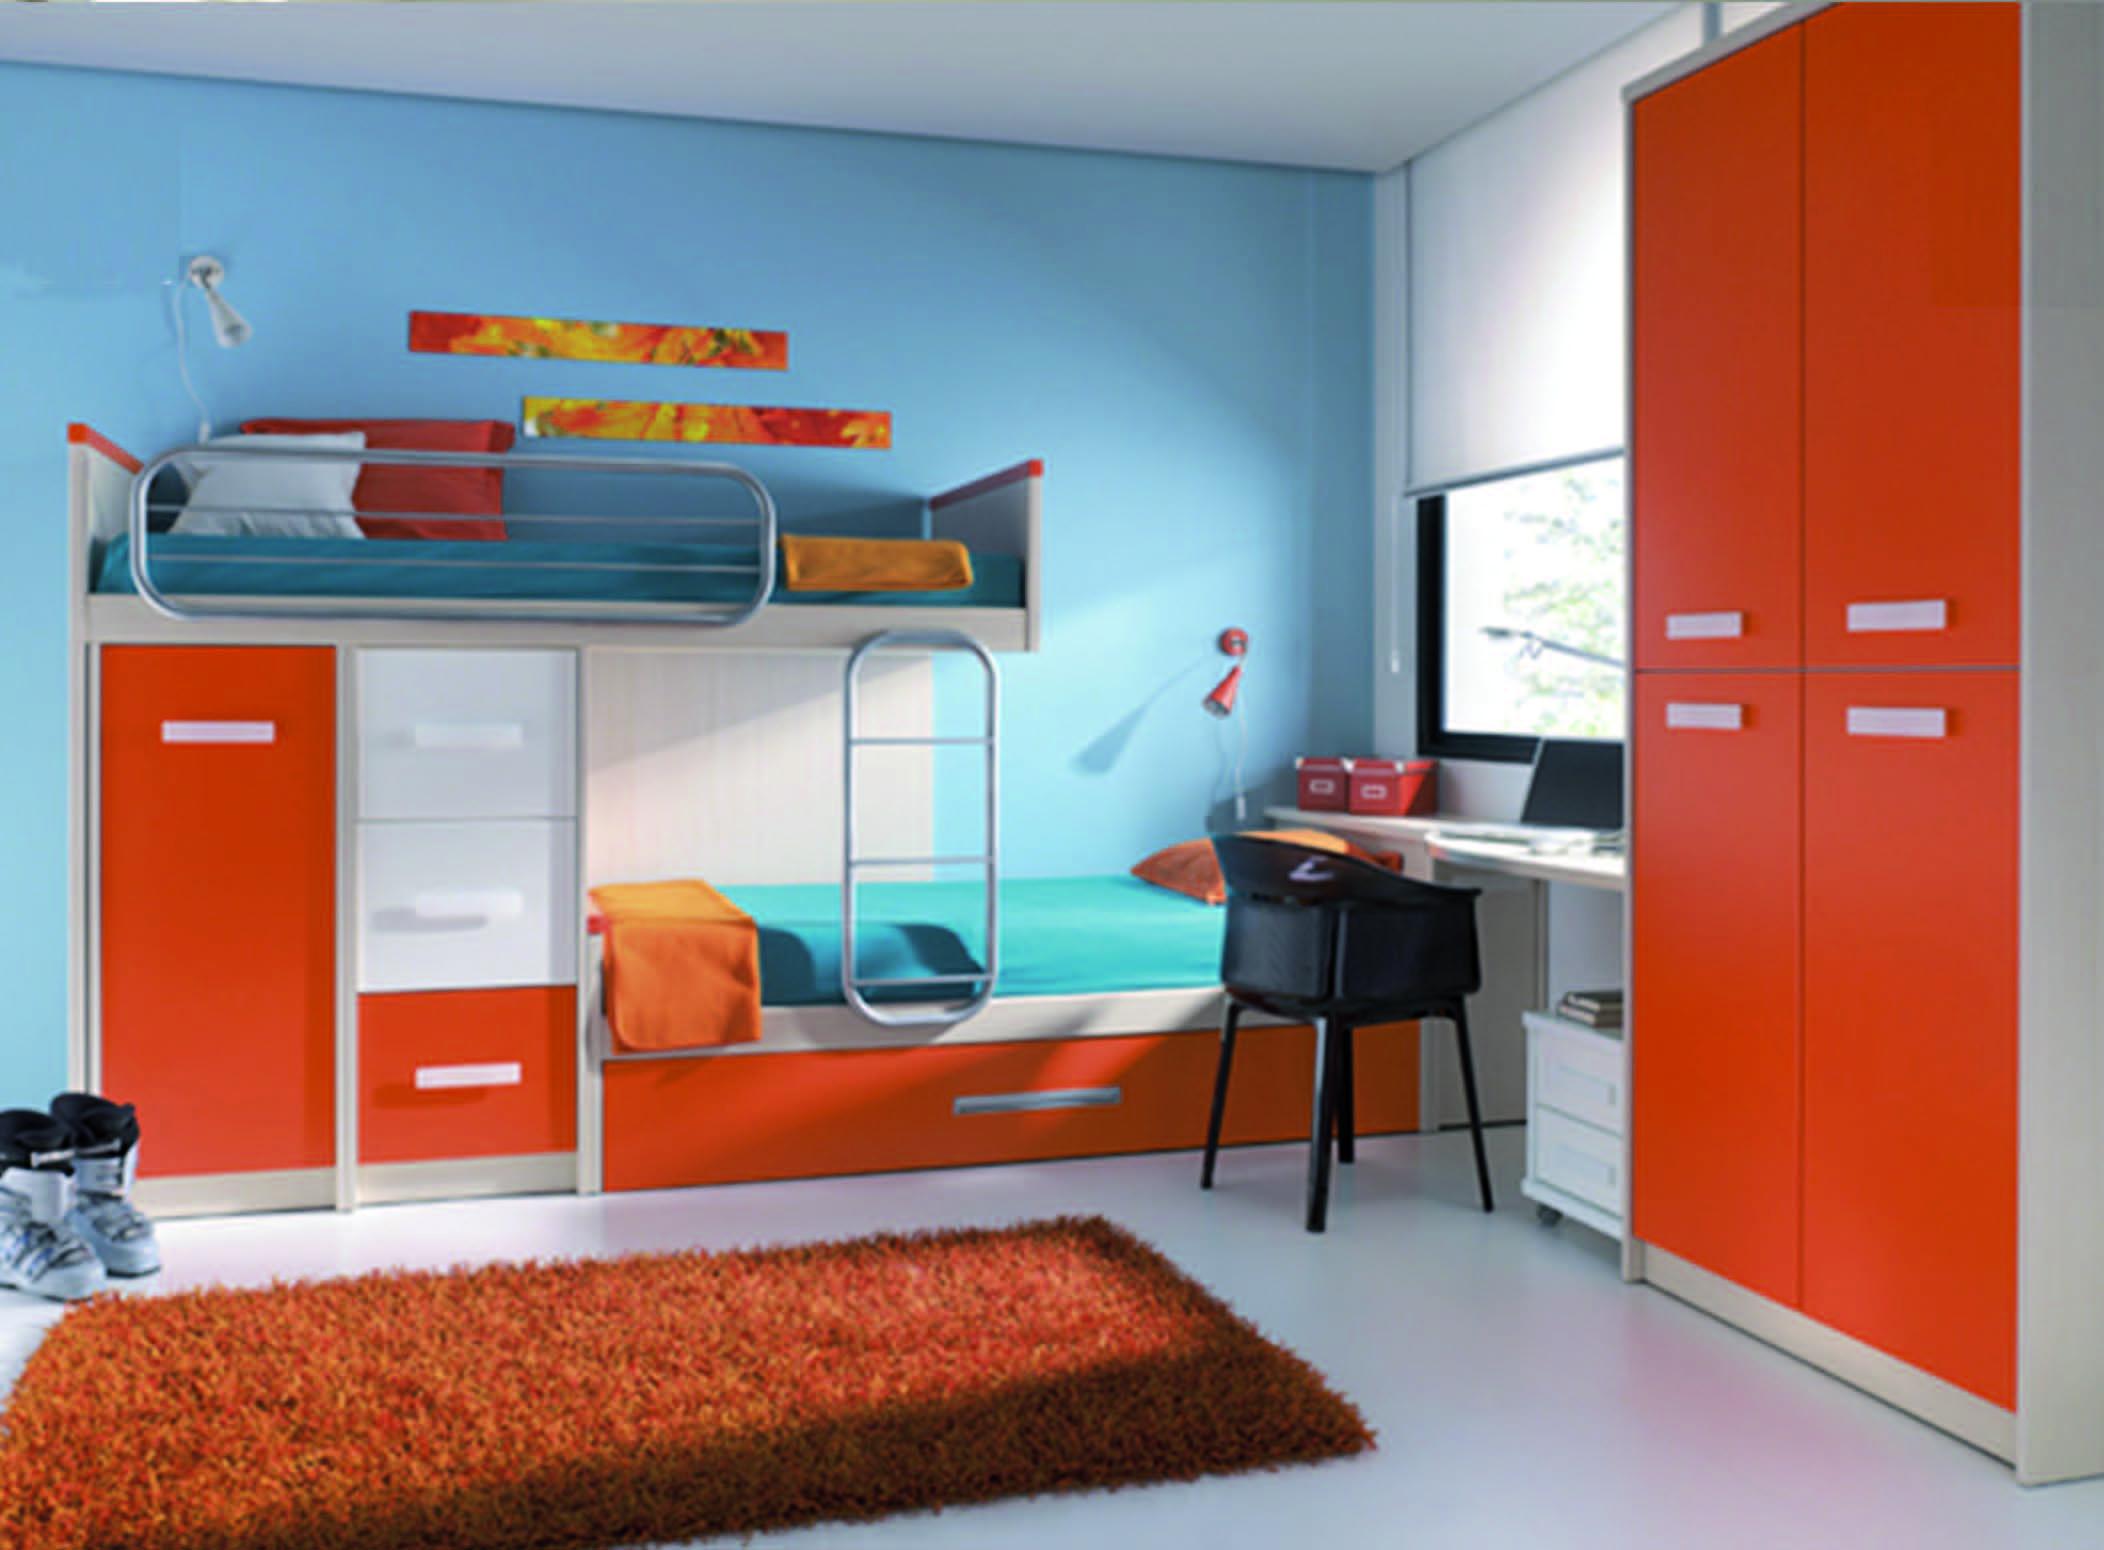 Fotos colores de habitaciones images - Colores para habitaciones ...